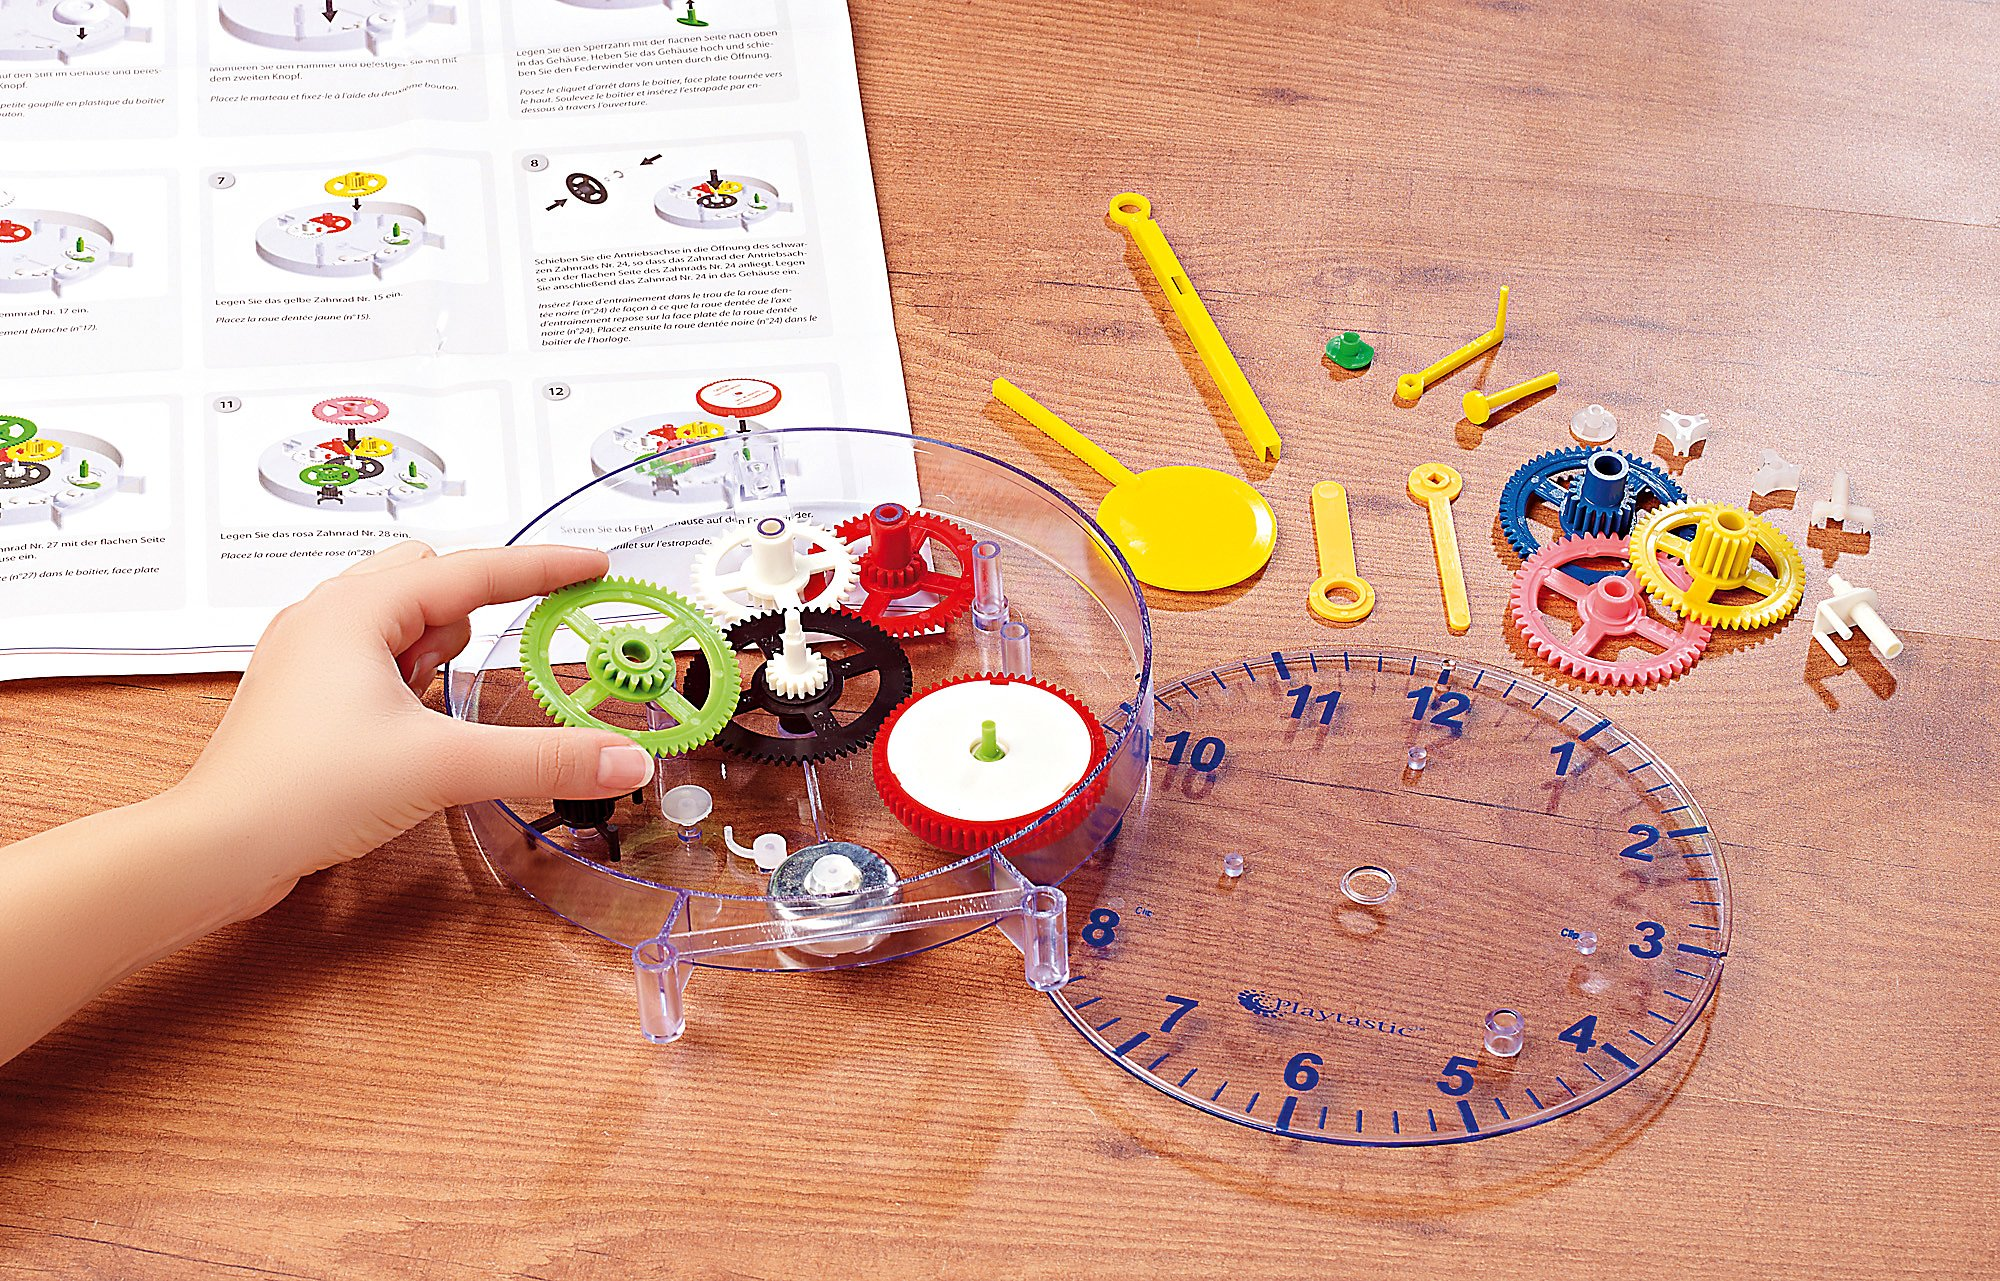 meine erste uhr: pendeluhr-bausatz für kinder | weltbild.at